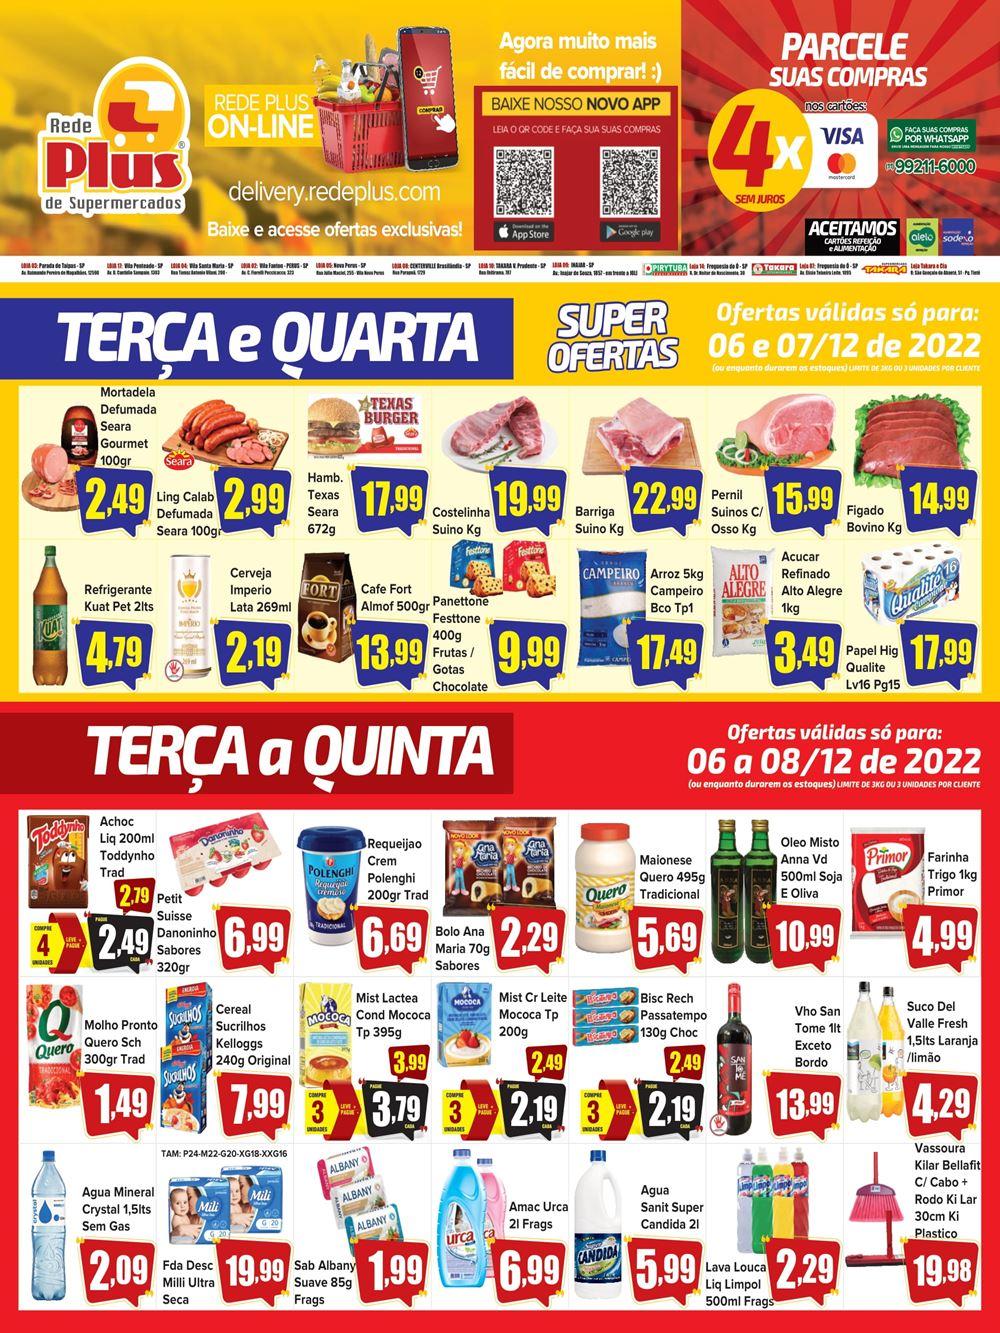 redeplustakara-ofertas-descontos-hoje1-64 Ofertas de supermercados